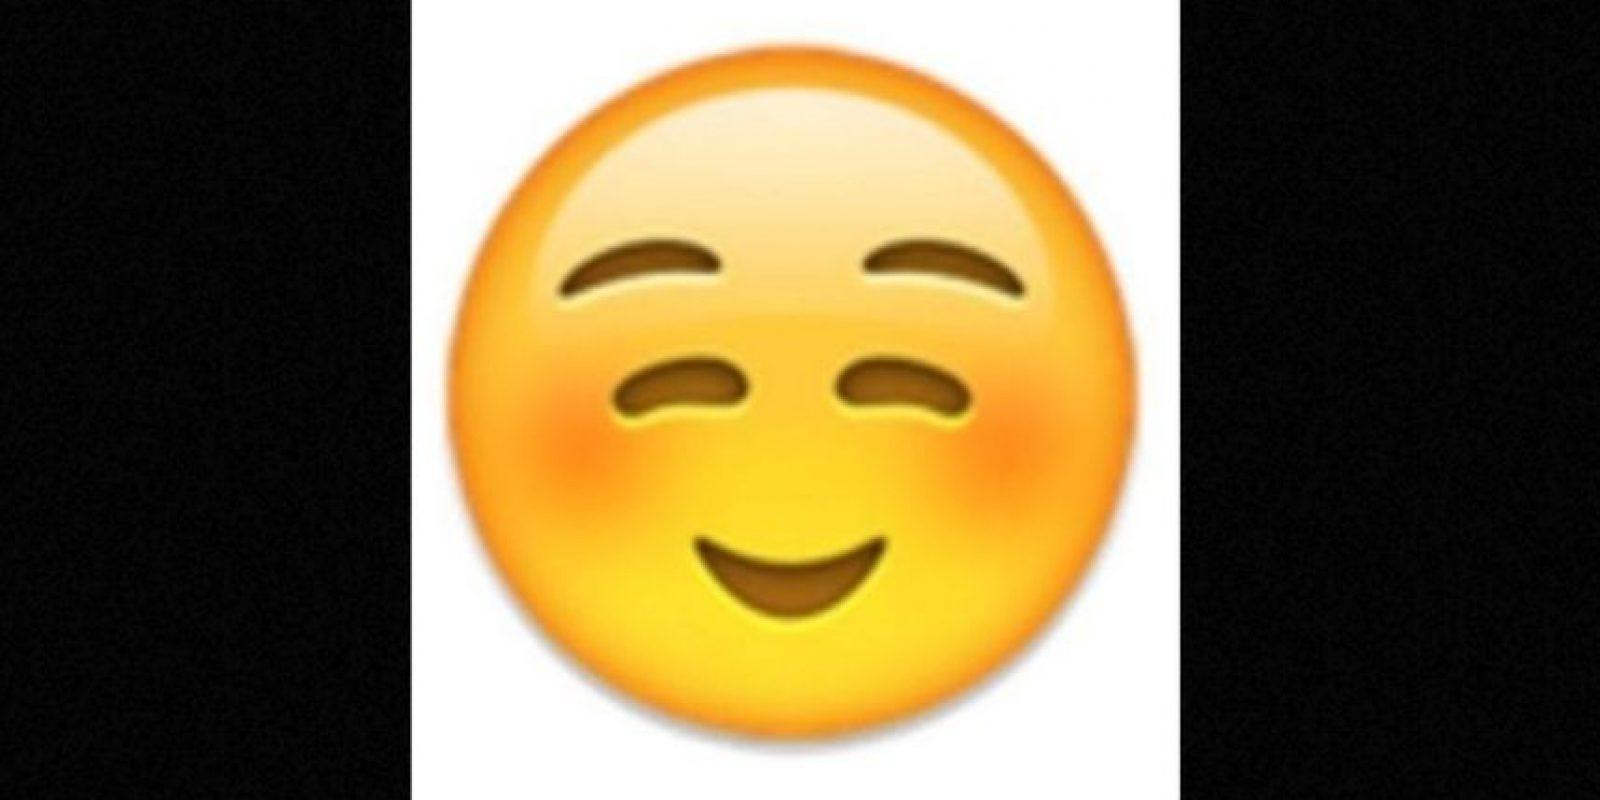 No es un rostro de pena o vergüenza, simplemente es una sonrisa Foto: emojipedia.org